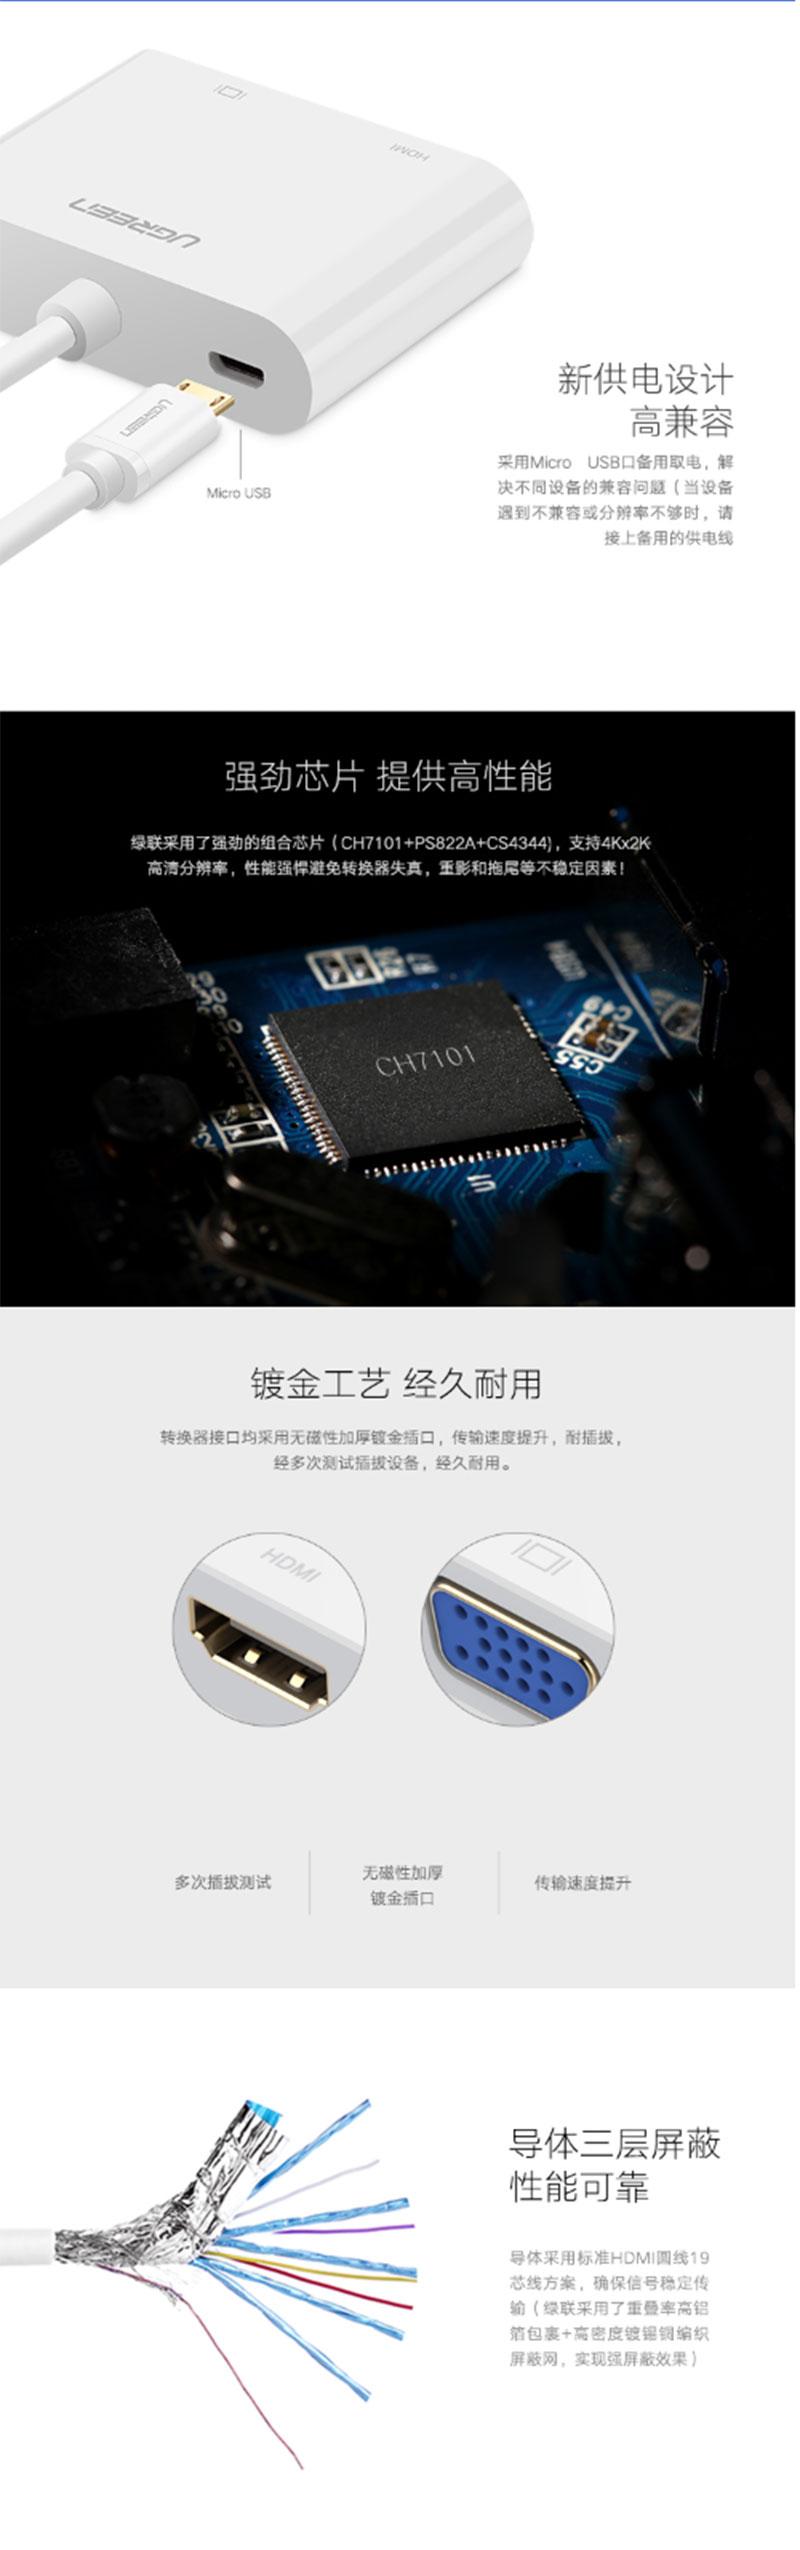 绿联30355 Micro HDMI转HDMI+VGA双接口